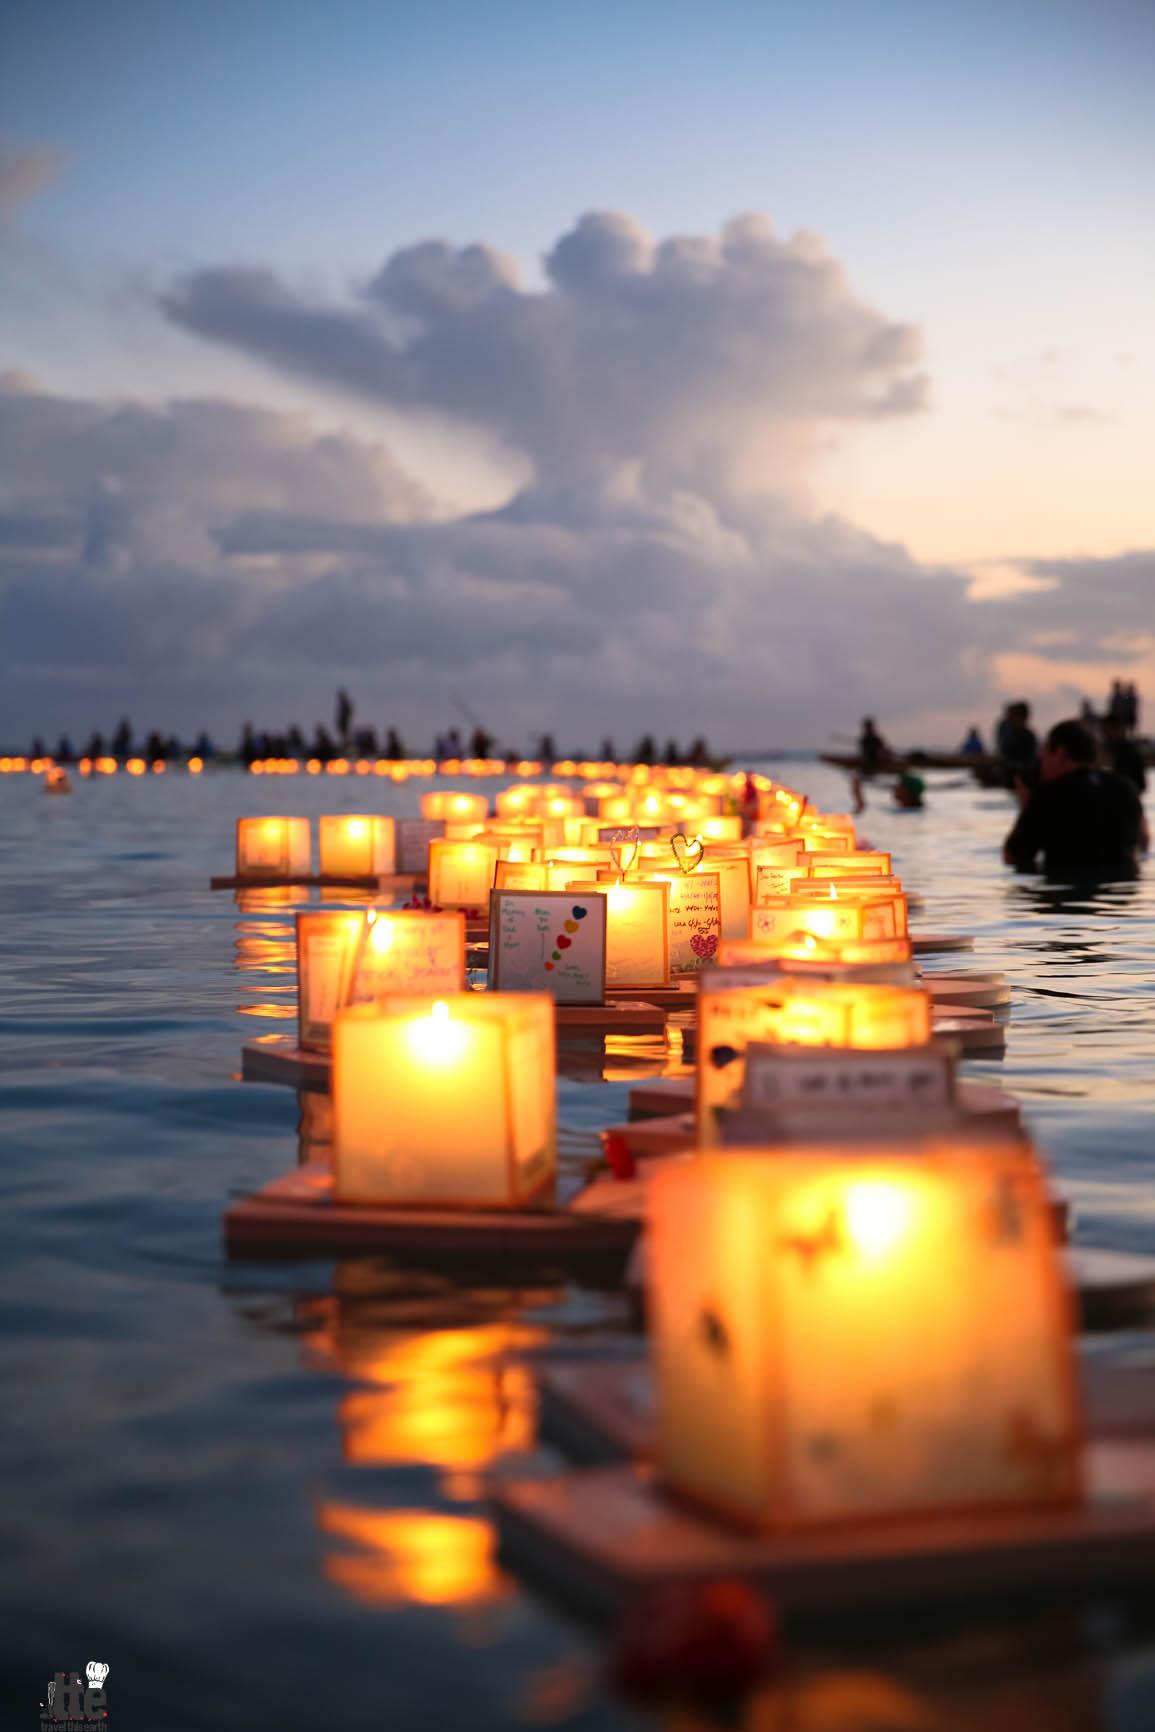 honolulu floating lantern ceremony photos 2014